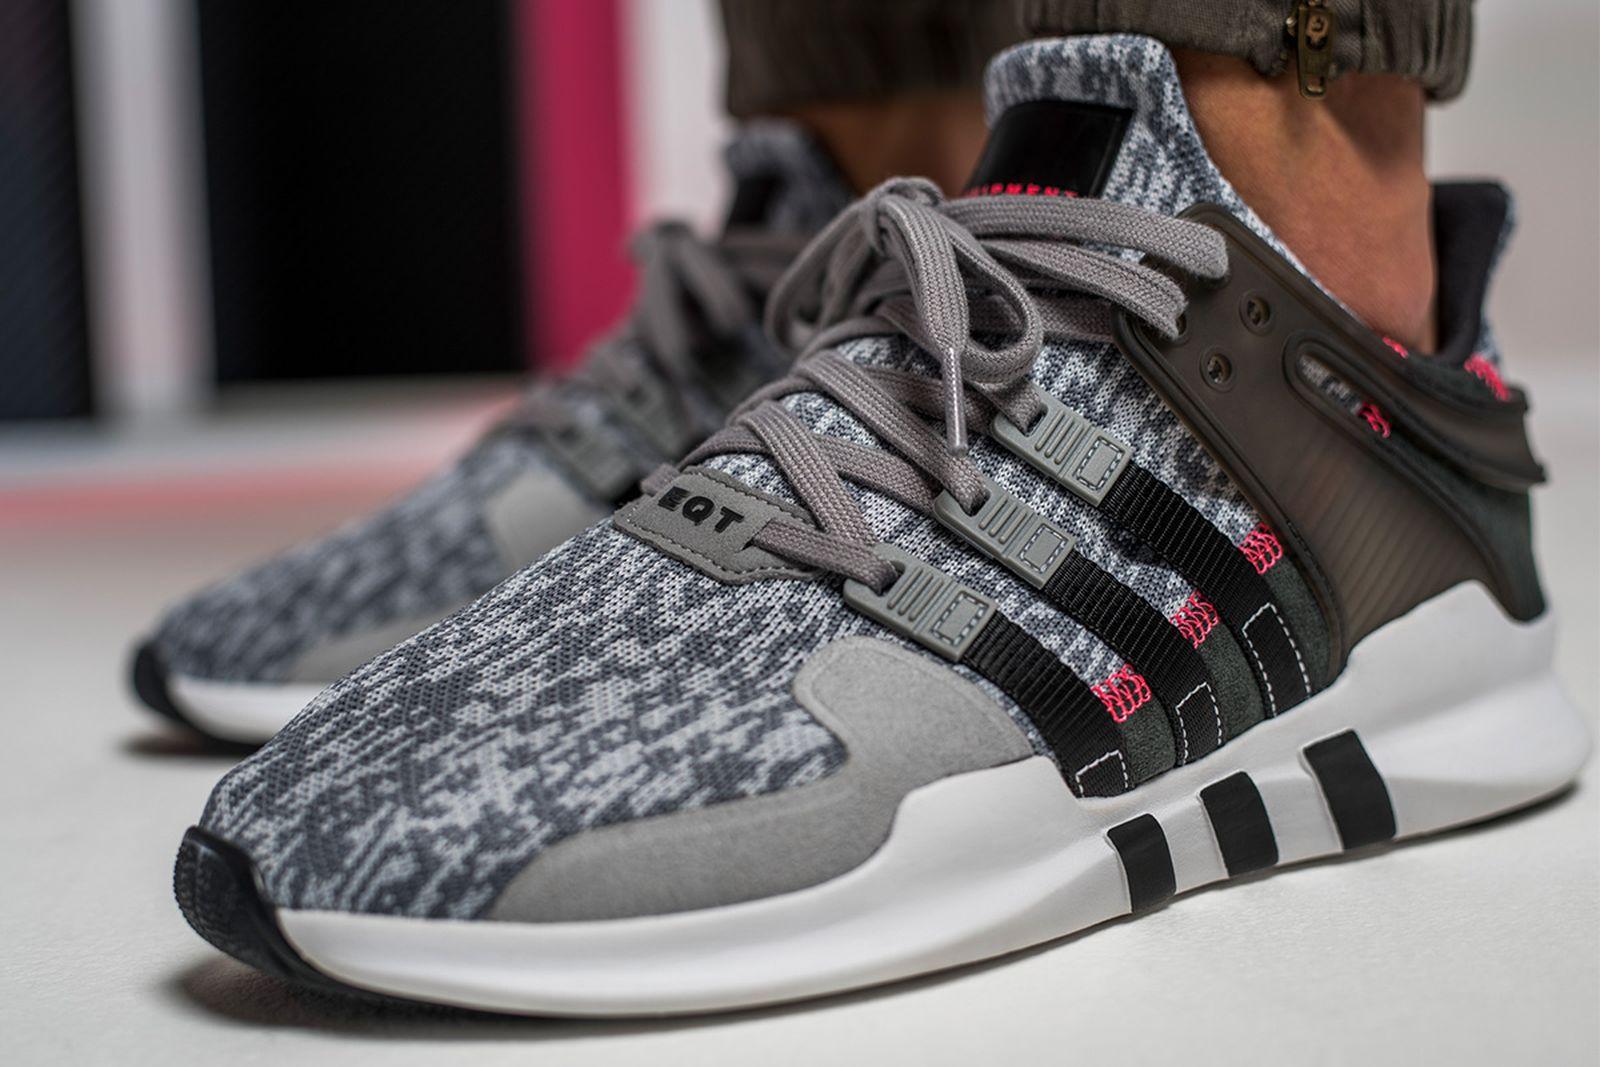 adidas-eqt-support-adv-footlocker-03